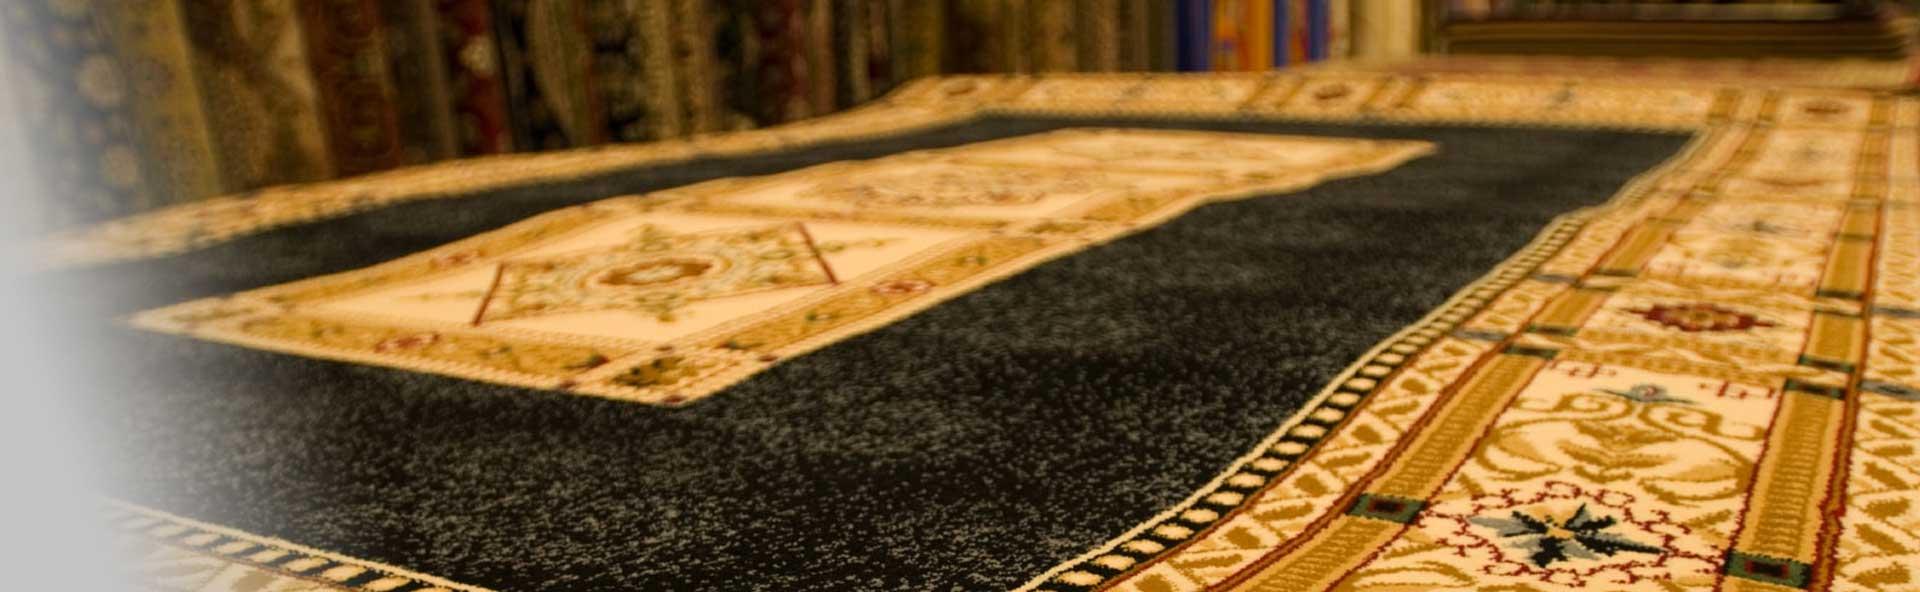 tapijtreiniging tapijt reinigen tapijt dieptereinigen tapijt impregneren kleed. Black Bedroom Furniture Sets. Home Design Ideas